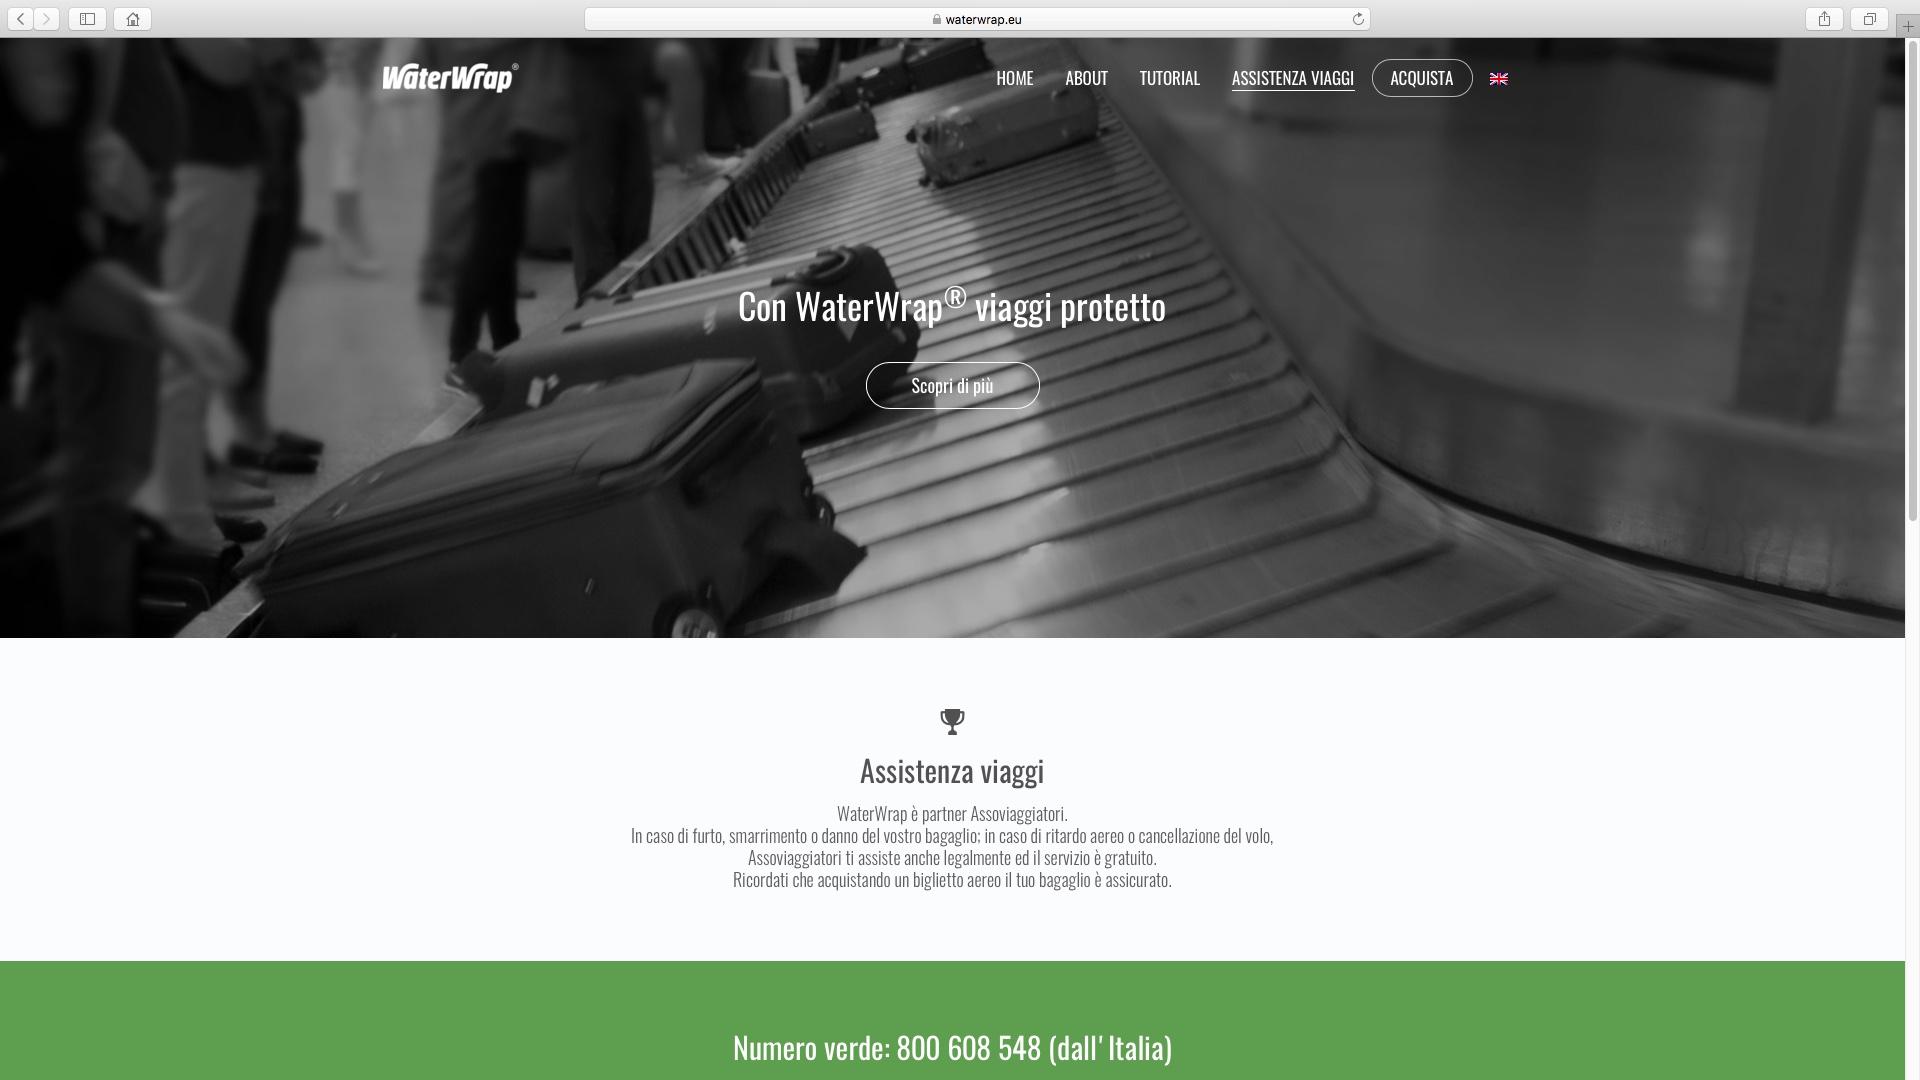 sito-web-lancio-promozione-prodotto-brescia_10